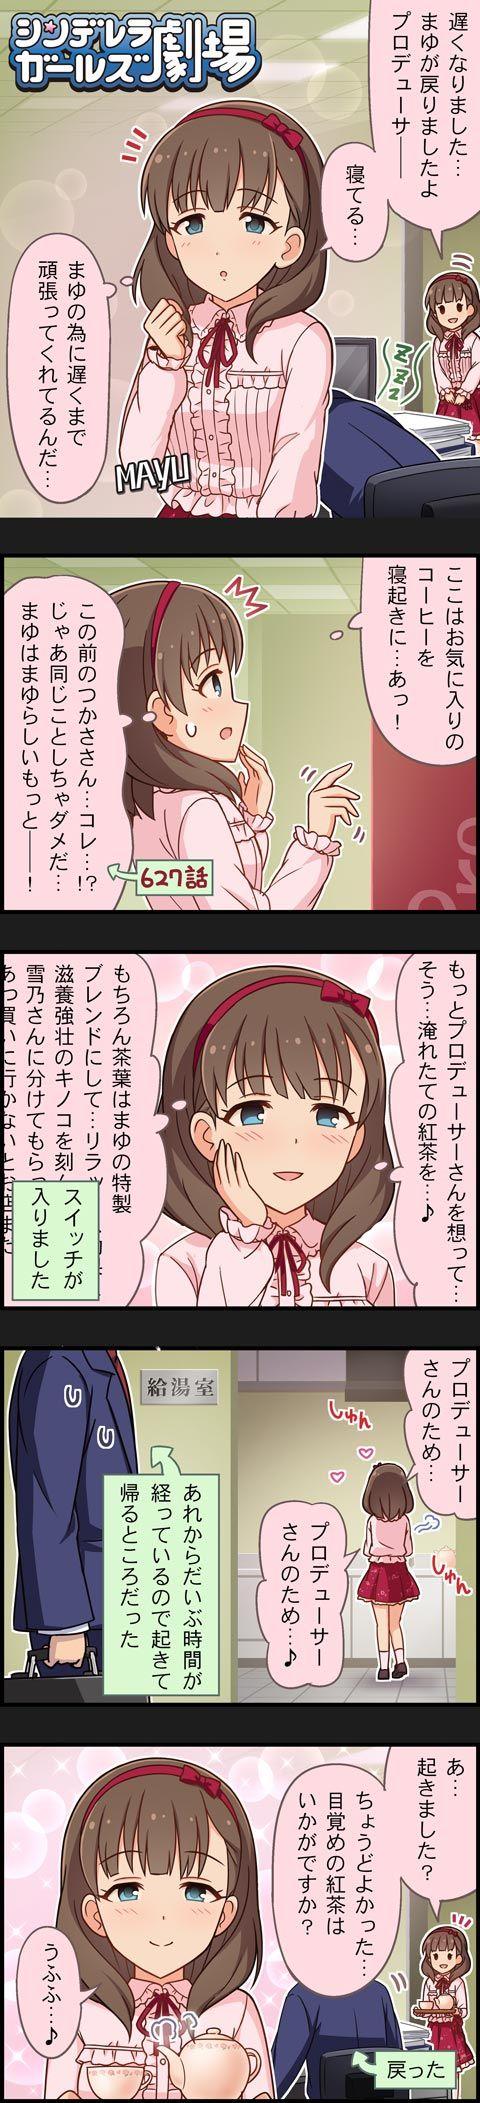 【モバマス】劇場第918話 まゆスイッチON